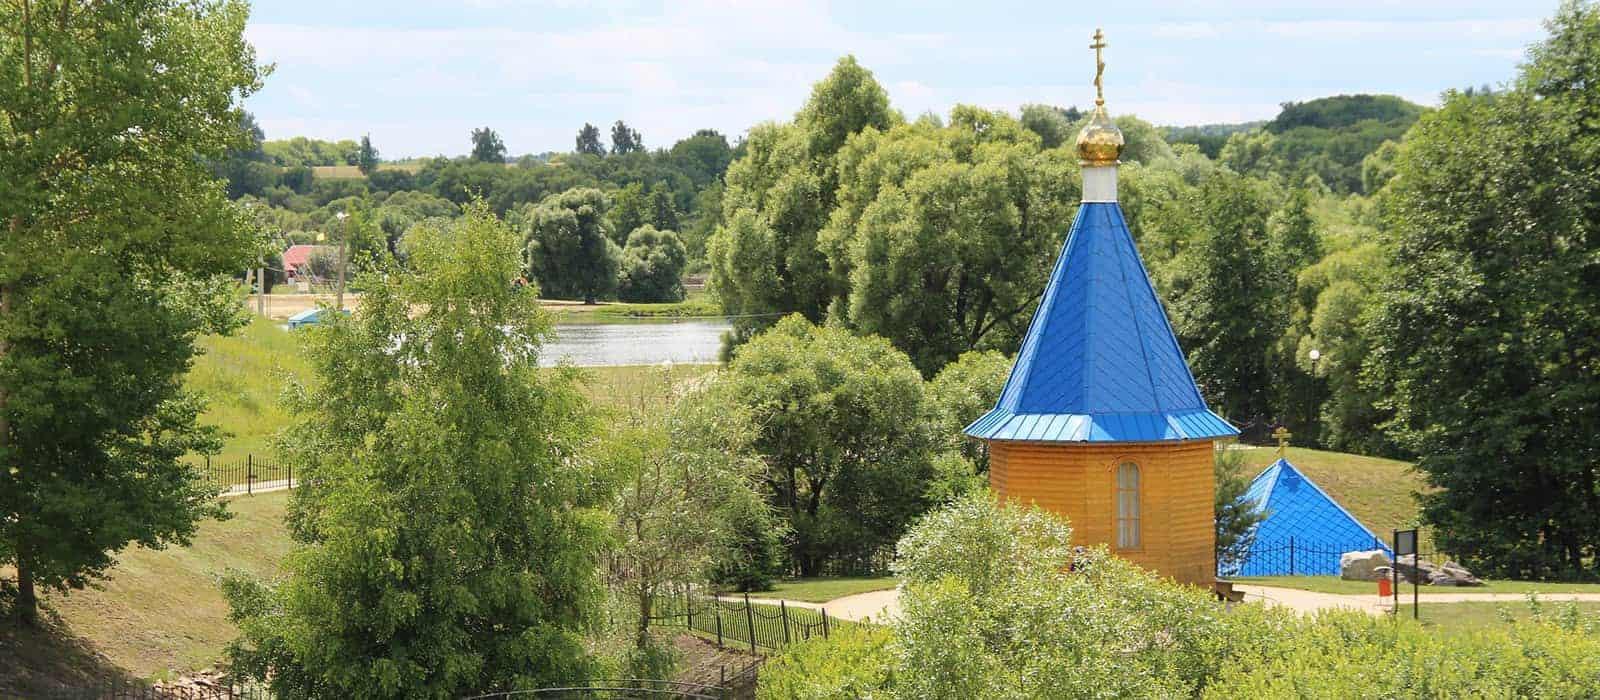 Дореволюционные парки и усадьбы Белгородской области как резерват ценного генетического и сортового разнообразия сирени